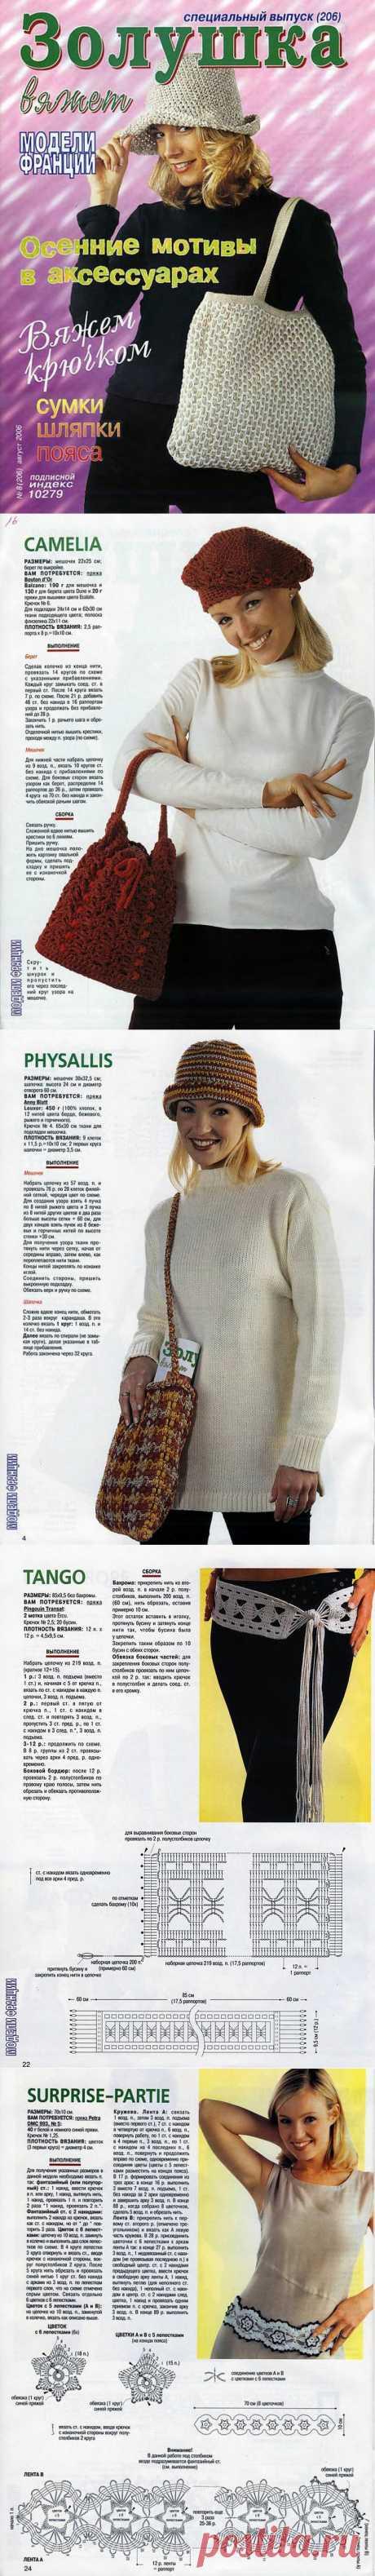 Золушка спец выпуск (206) аксессуары сумки шляпки - mad1959— я.ру